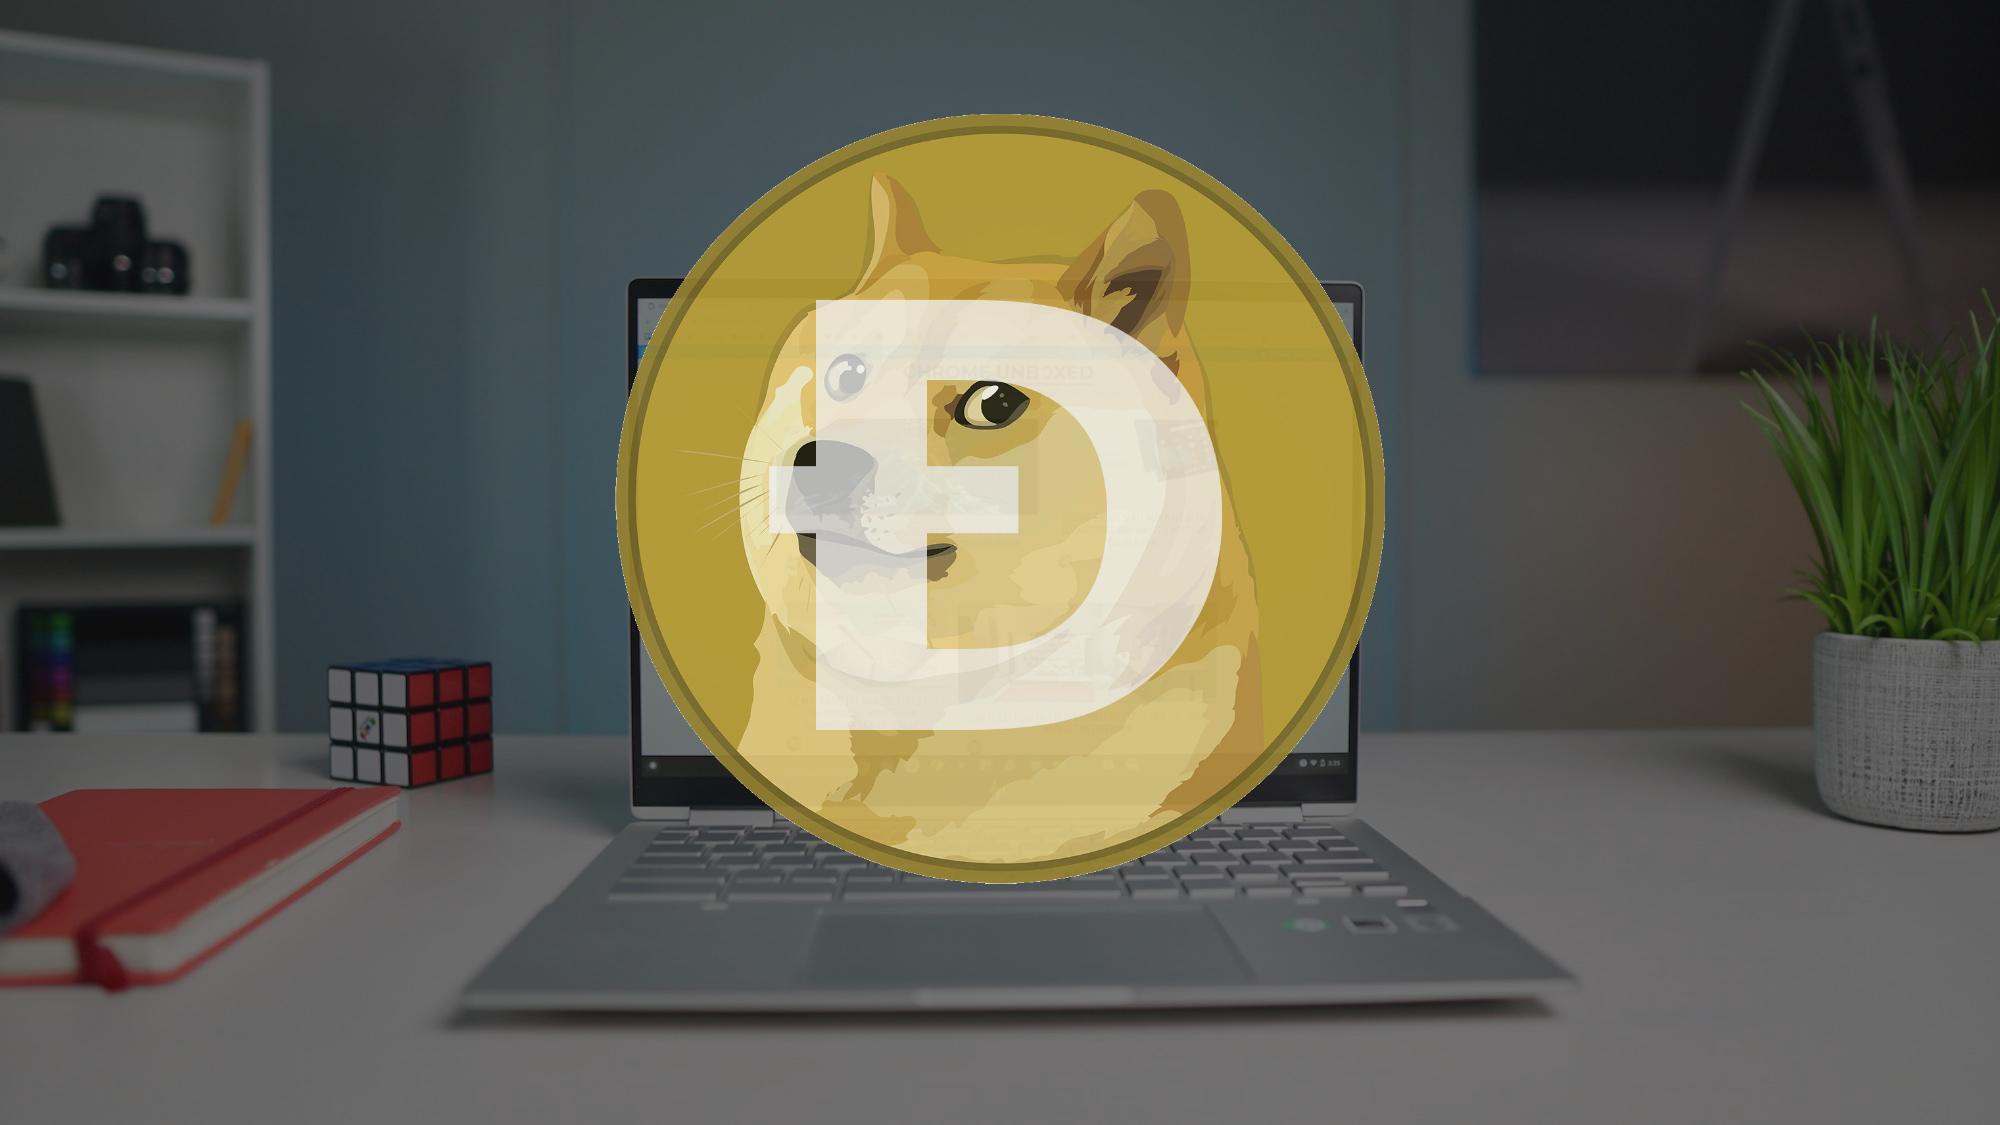 chromebook bitcoin)